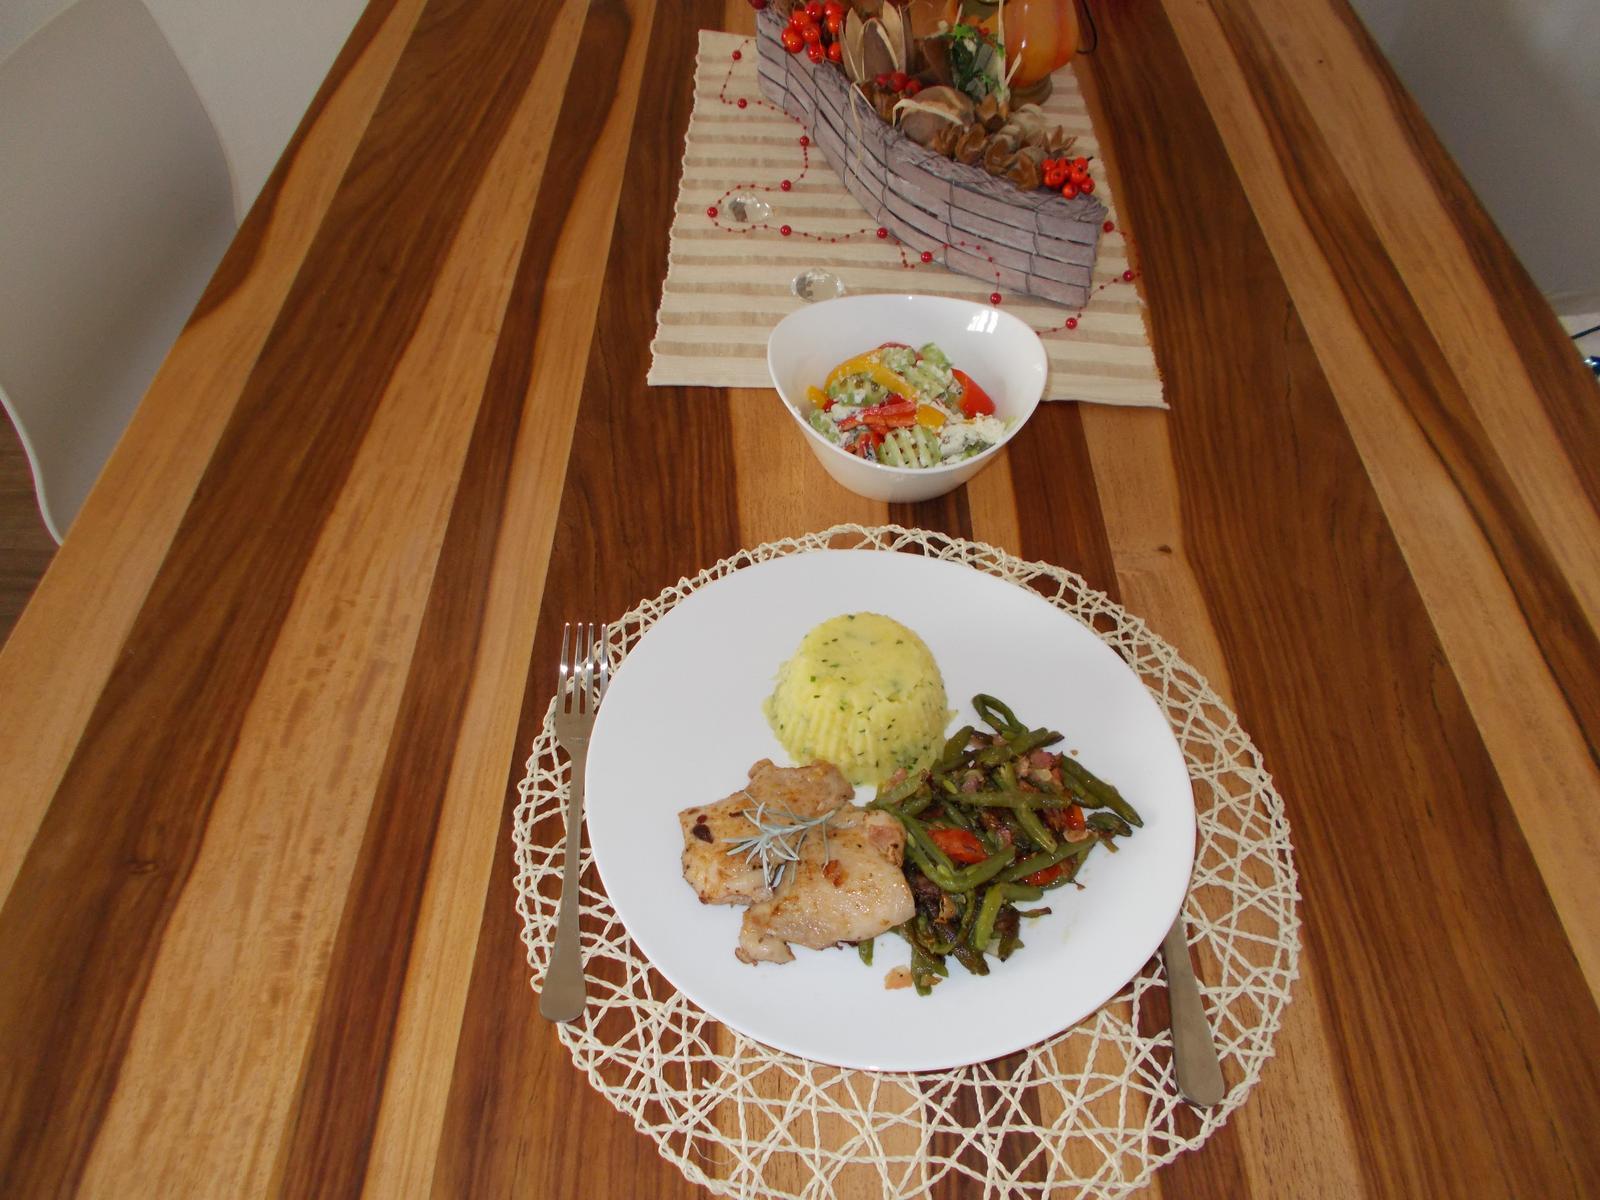 Pečení,vaření,grilování.....je libo něco dobrého do bříška ................ - Kuřecí steak s grilovanými fazolky a štouchaný brambor